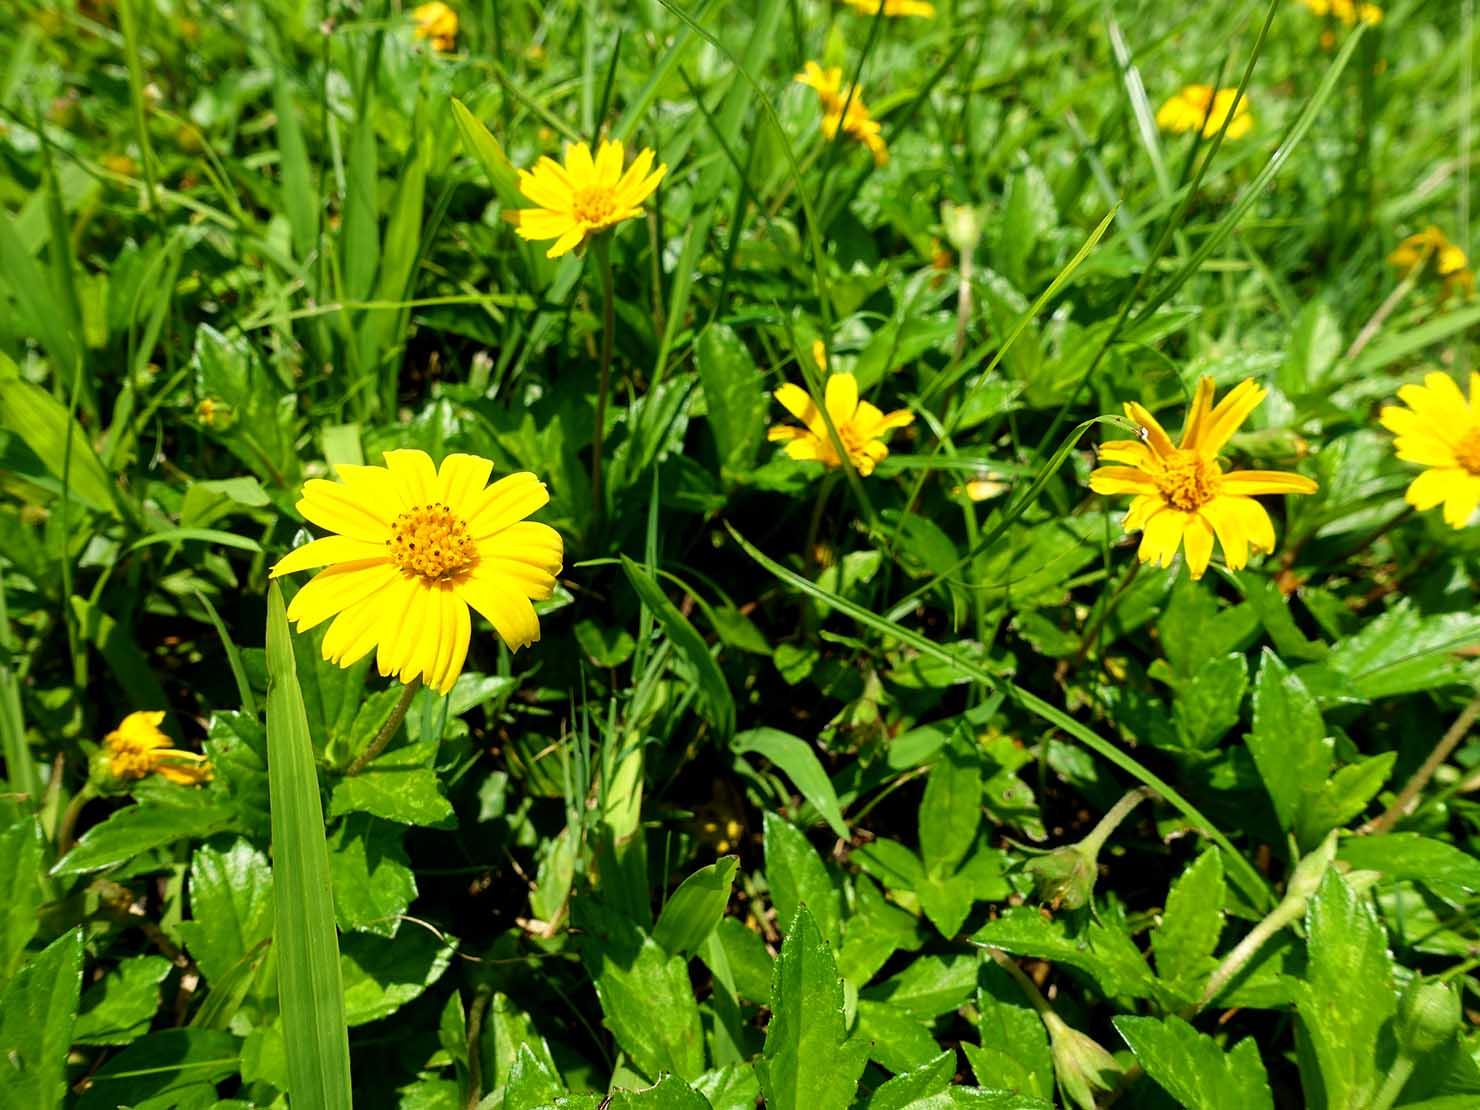 台北一周自転車道「古亭河濱公園」に咲く黄色い花